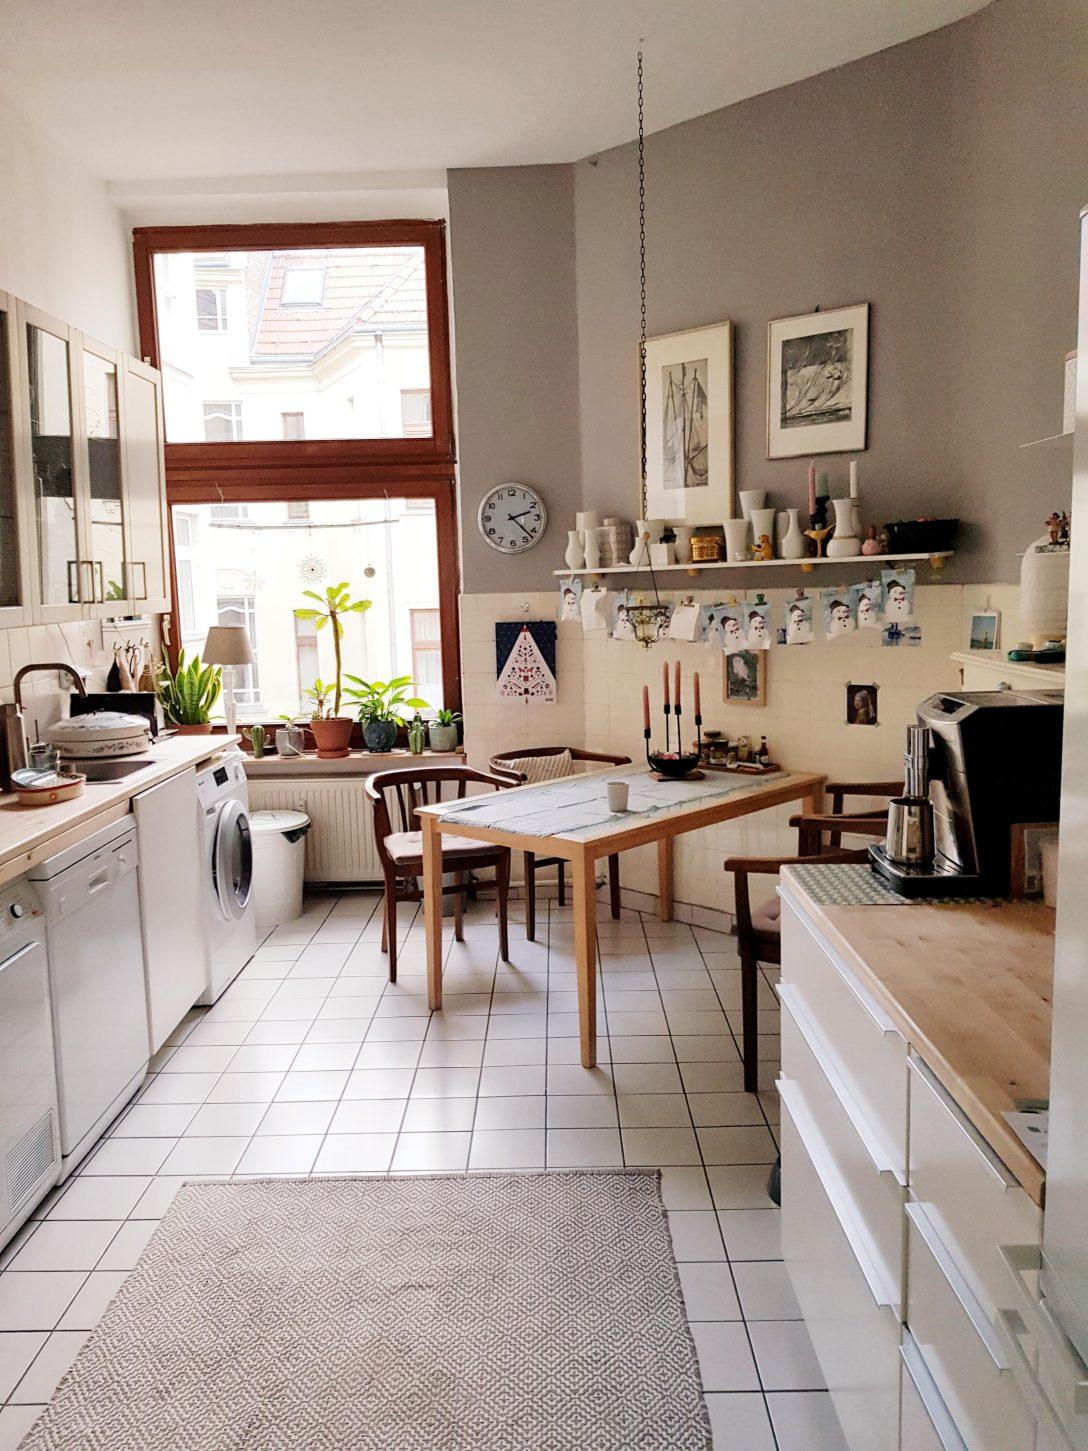 Large Size of Ikea Küchen Ideen Ikeakche Bilder Couch Miniküche Küche Kaufen Kosten Betten Bei Wohnzimmer Tapeten Sofa Mit Schlaffunktion 160x200 Bad Renovieren Wohnzimmer Ikea Küchen Ideen